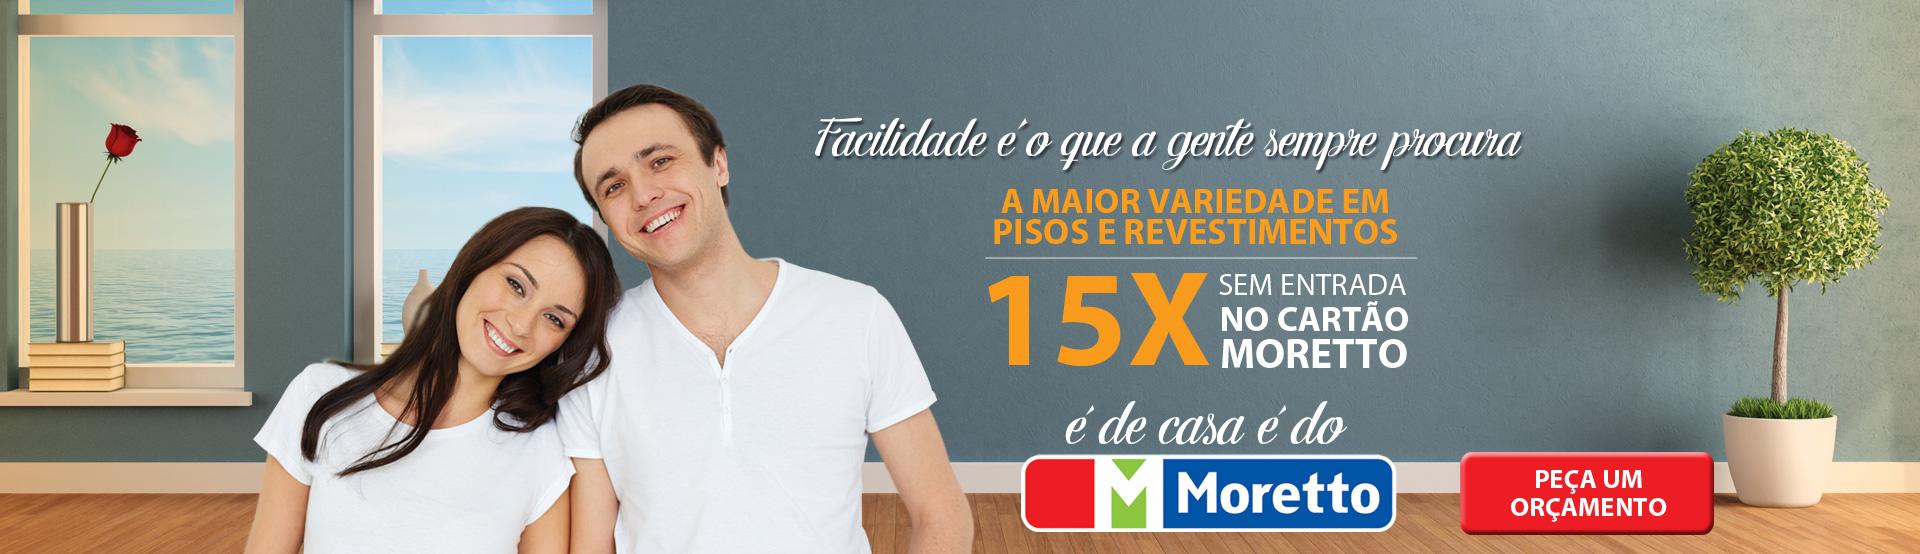 15x no cartão Moretto - Orçamento